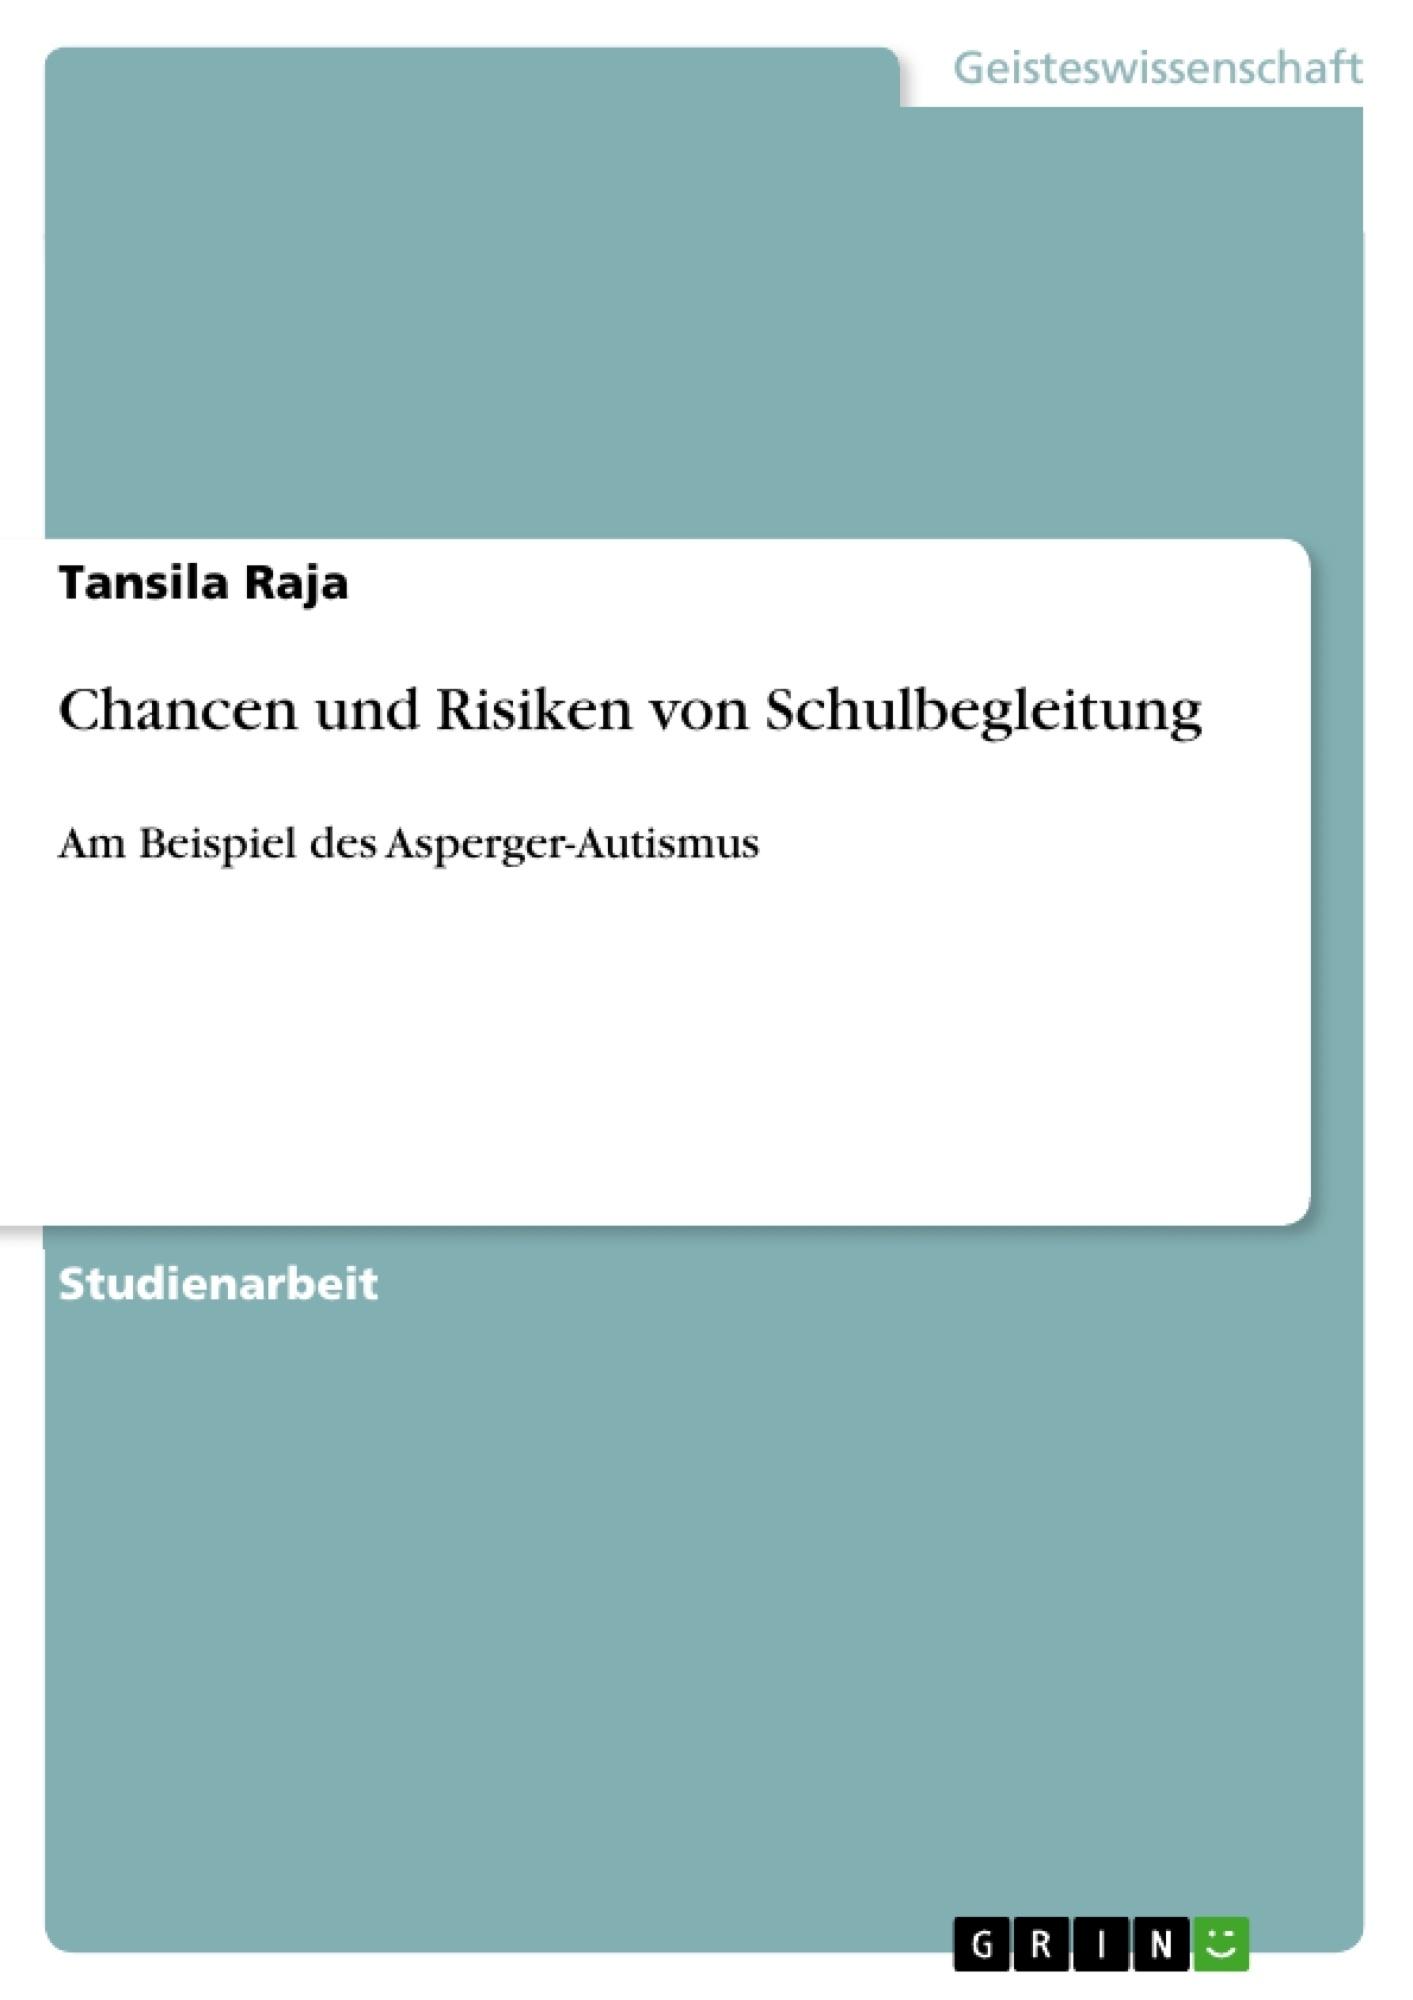 Charmant Wut Management Für Die Jugend Arbeitsblatt Fotos - Super ...